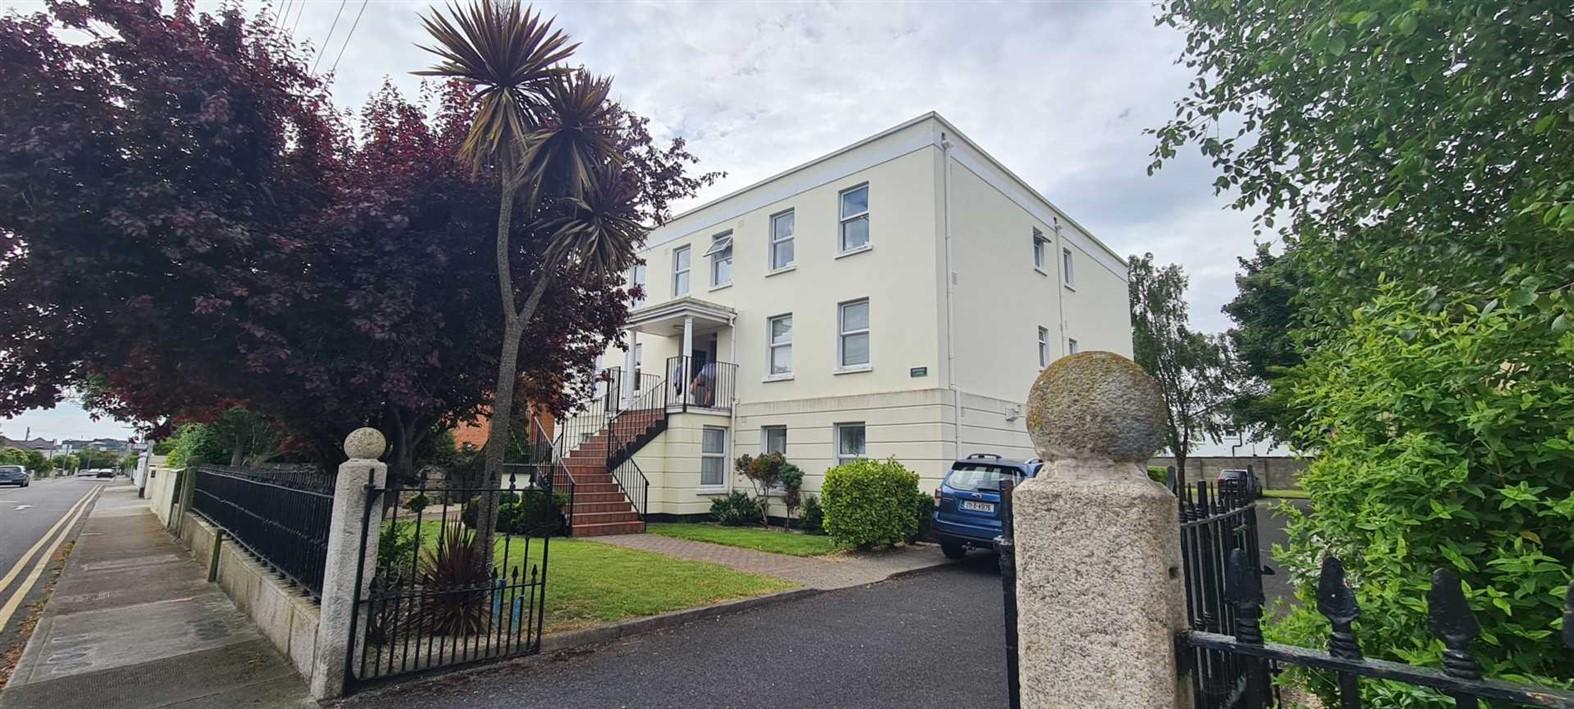 7, Bayview Court, Tivoli Terrace, Dun Laoghaire, Co.Dublin, A96 V210